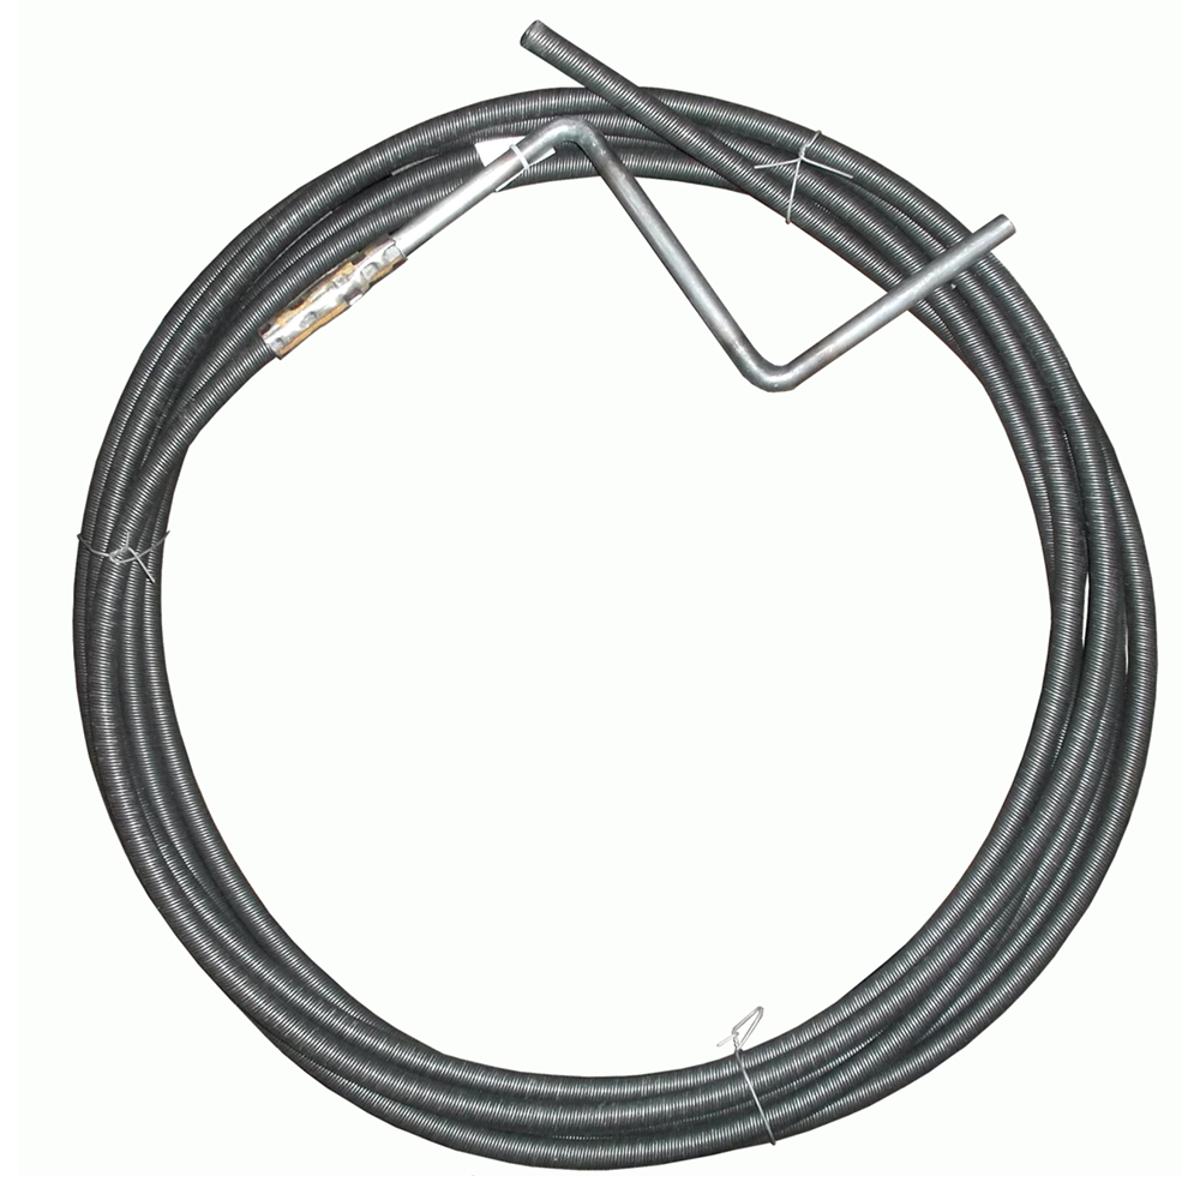 Трос для прочистки канализационных труб Masterprof, пружинный, 9 мм х 5 м трос сантехнический пружинный wirquin 70980831 2 5 м